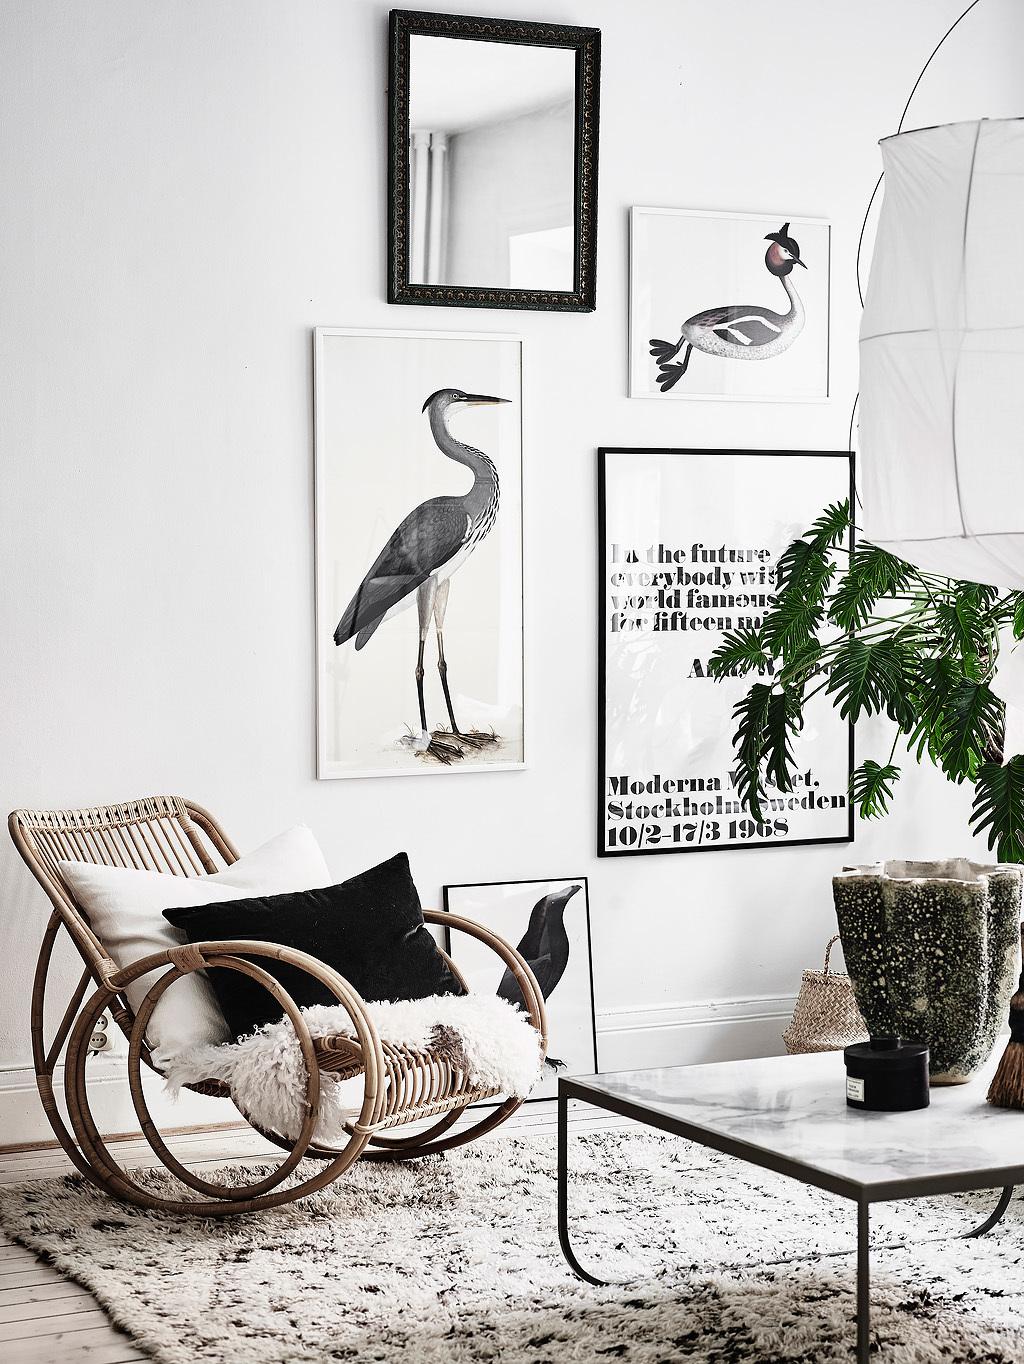 Woonkamer met een stijlvolle zithoek en eethoek